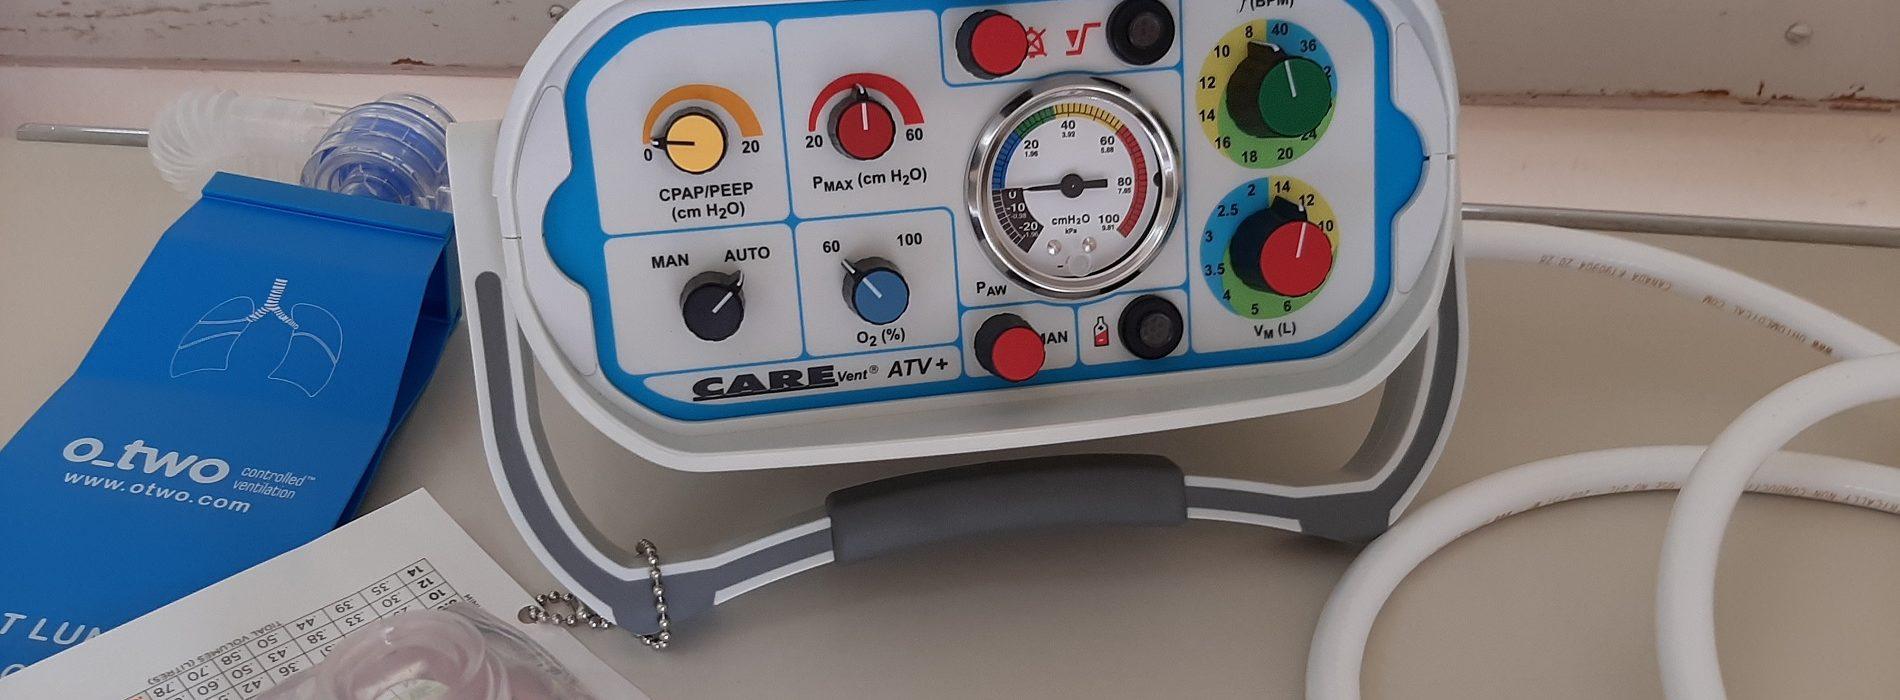 """Hospital da FAAD já recebeu ventiladores """"inovadores"""" e a quase totalidade dos monitores encomendados com o apoio do Município (com vídeo)"""